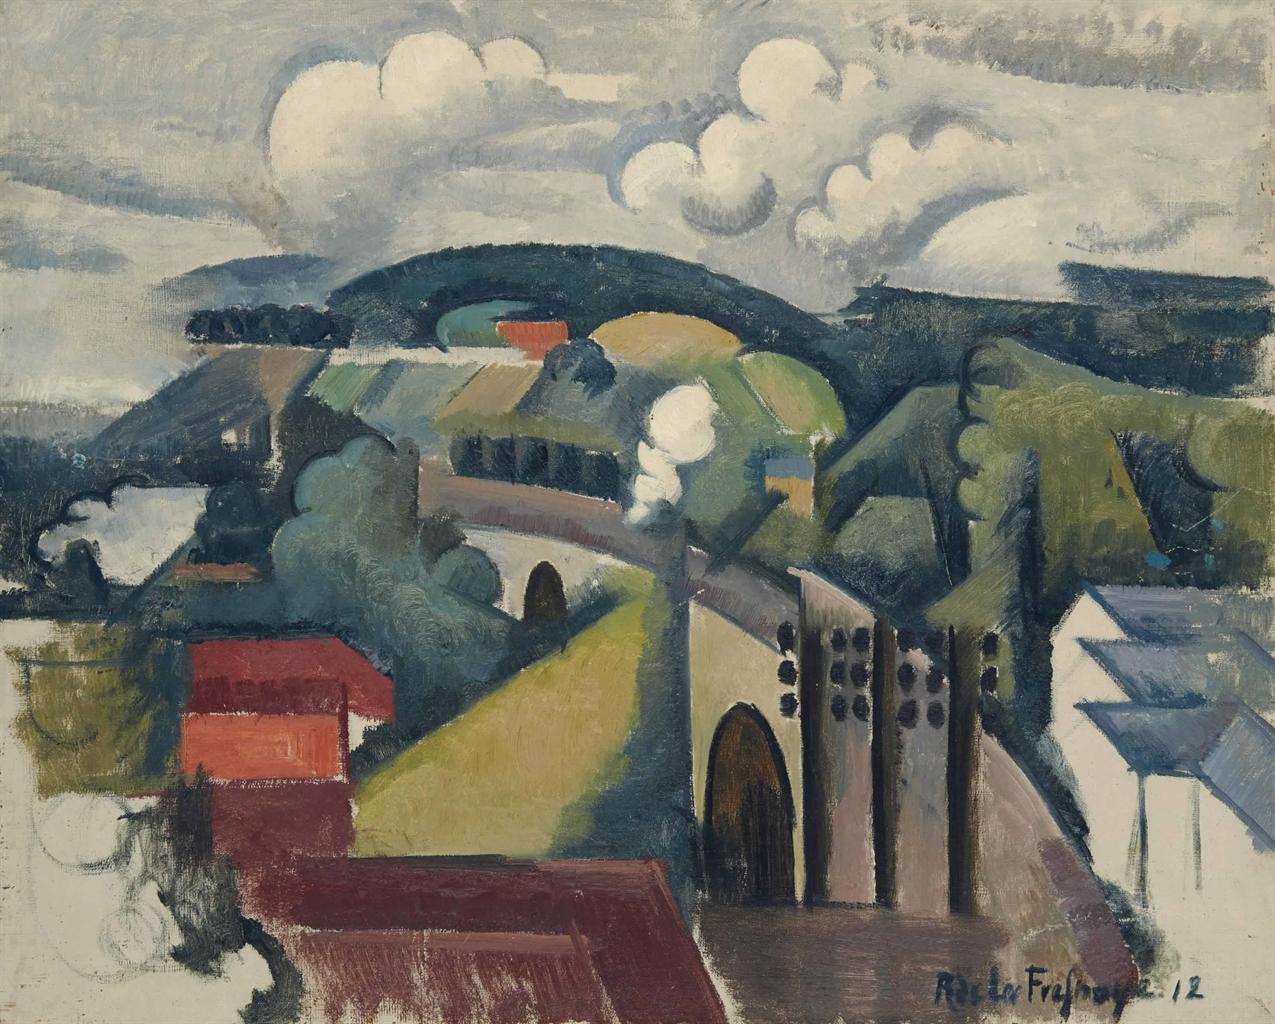 Roger de La Fresnaye-Paysage de Meulan ou Le Viaduc de Meulan, premiere version-1912